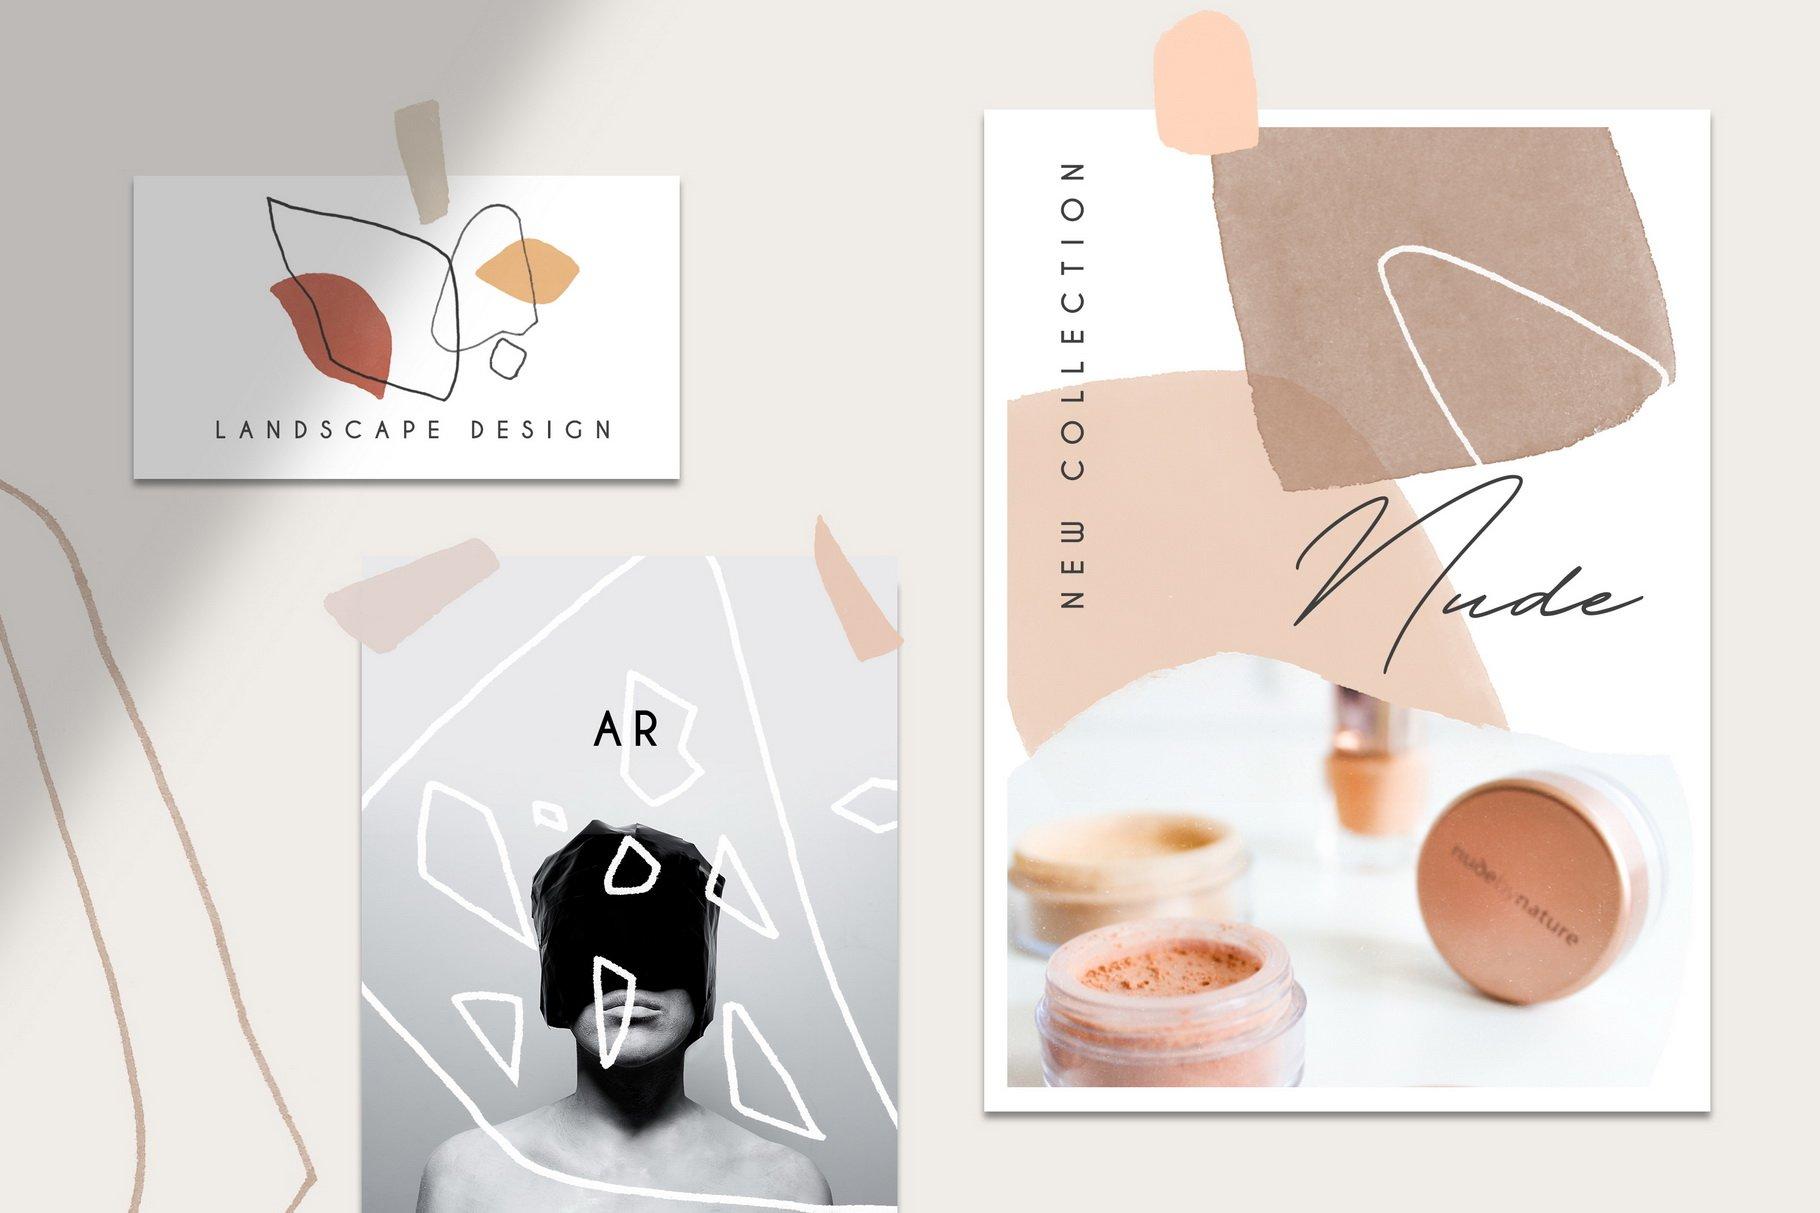 100款现代抽象石头几何图案PS水彩印章笔刷 Terrazzo Photoshop Brushes插图(2)